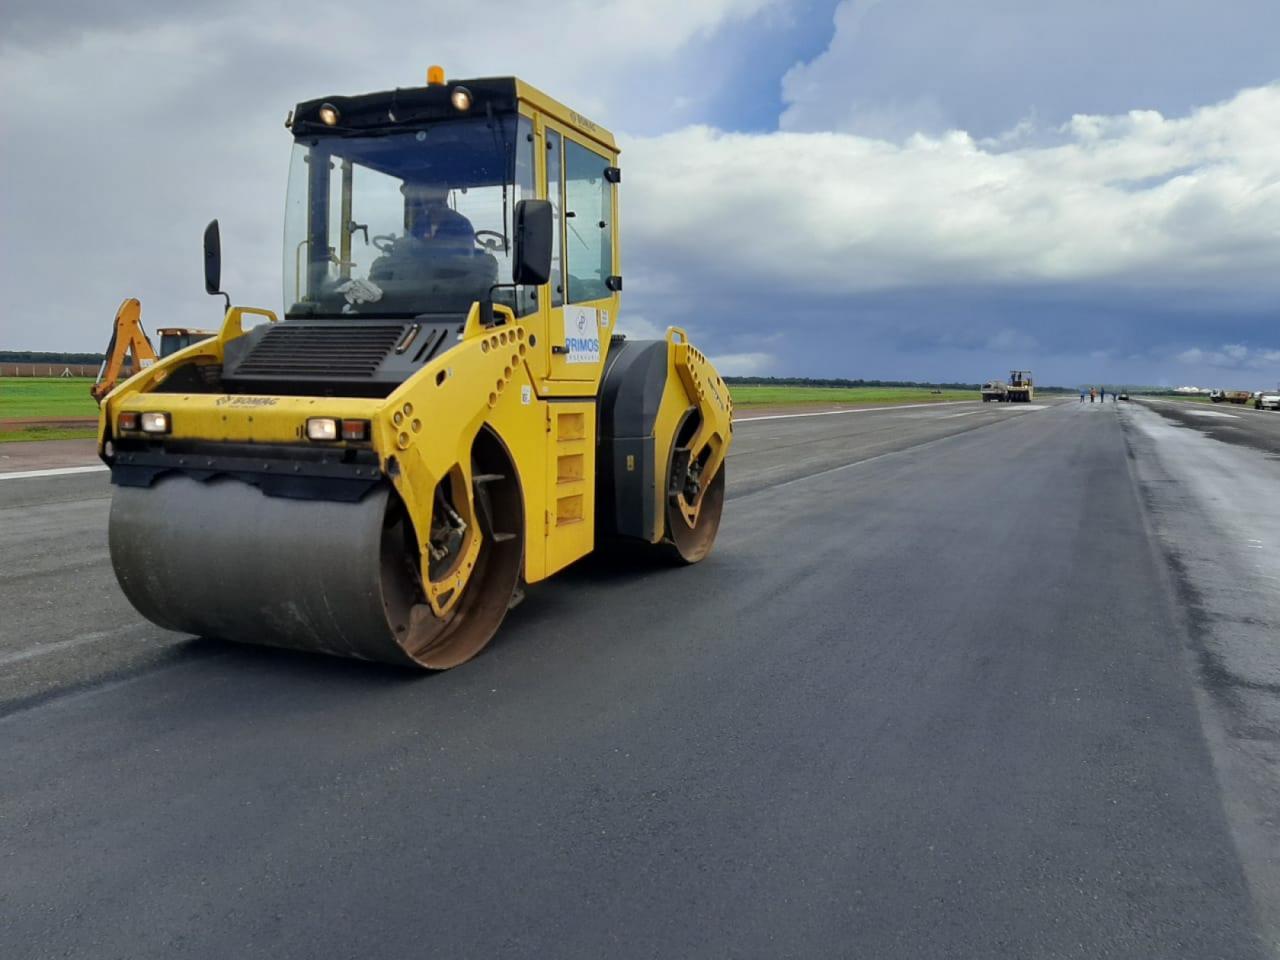 Aeroporto Adolino Bedin em Sorriso (MT) será fechado por 45 dias; objetivo é acelerar recuperação da pista de pouso e decolagem